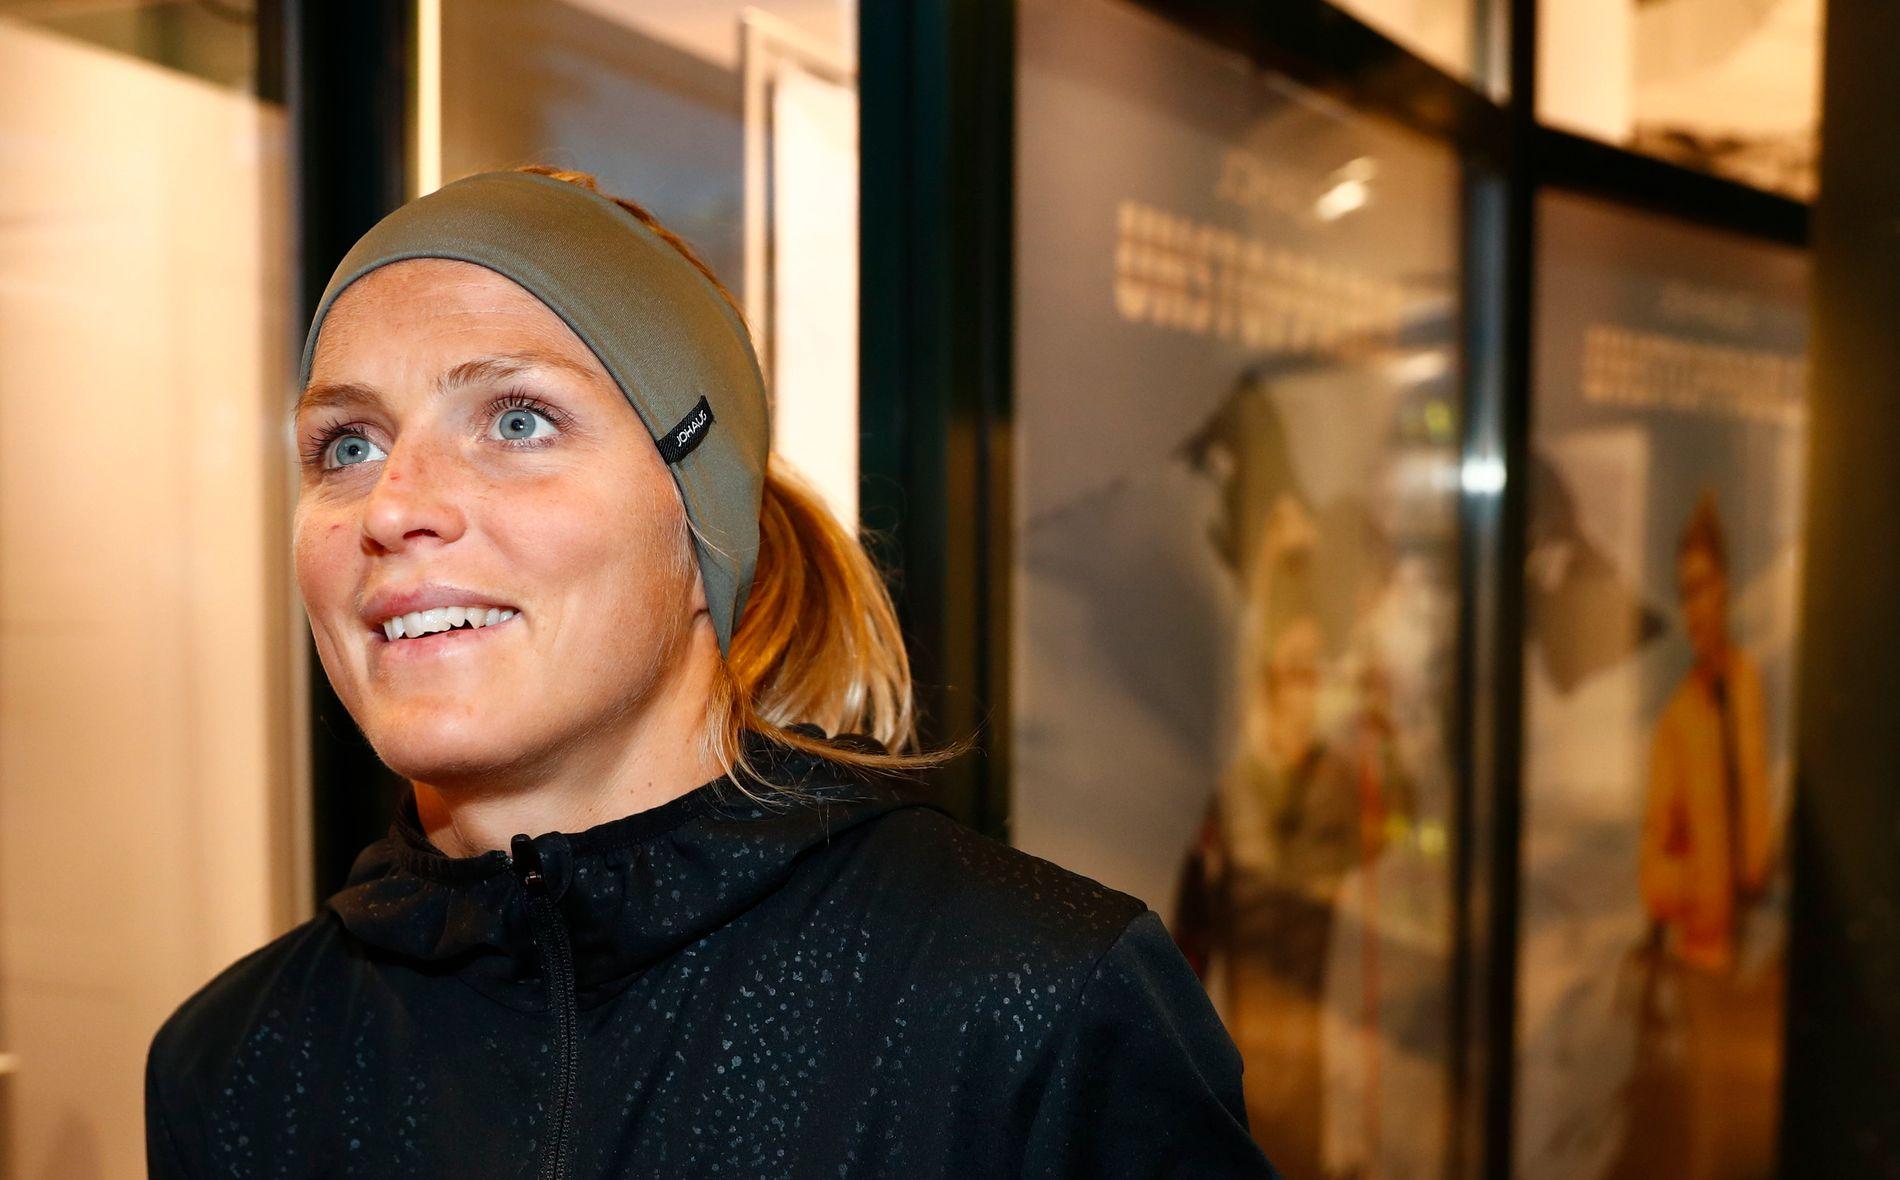 KAN SE FREMOVER: 17. februar var Johaug tilbake på landslaget. Hun er klar til neste sesong.